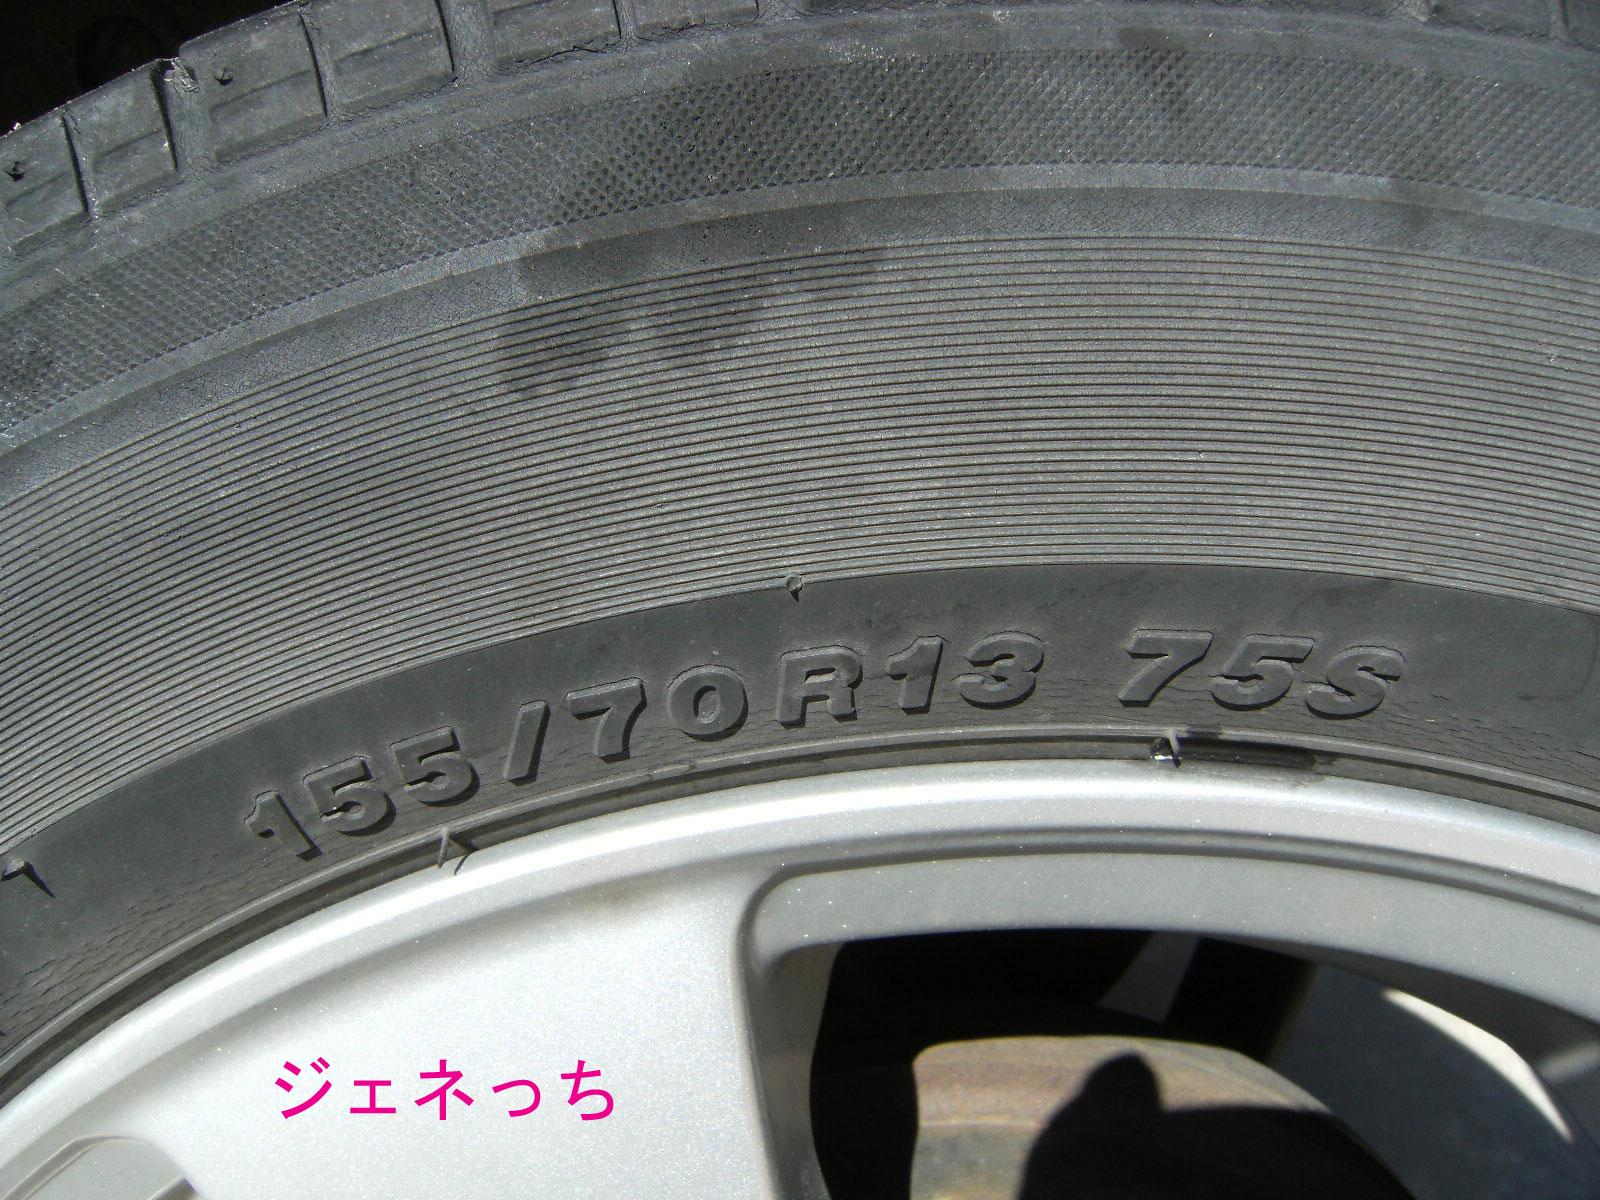 オートウェイタイヤ通販で、タイヤをチェック